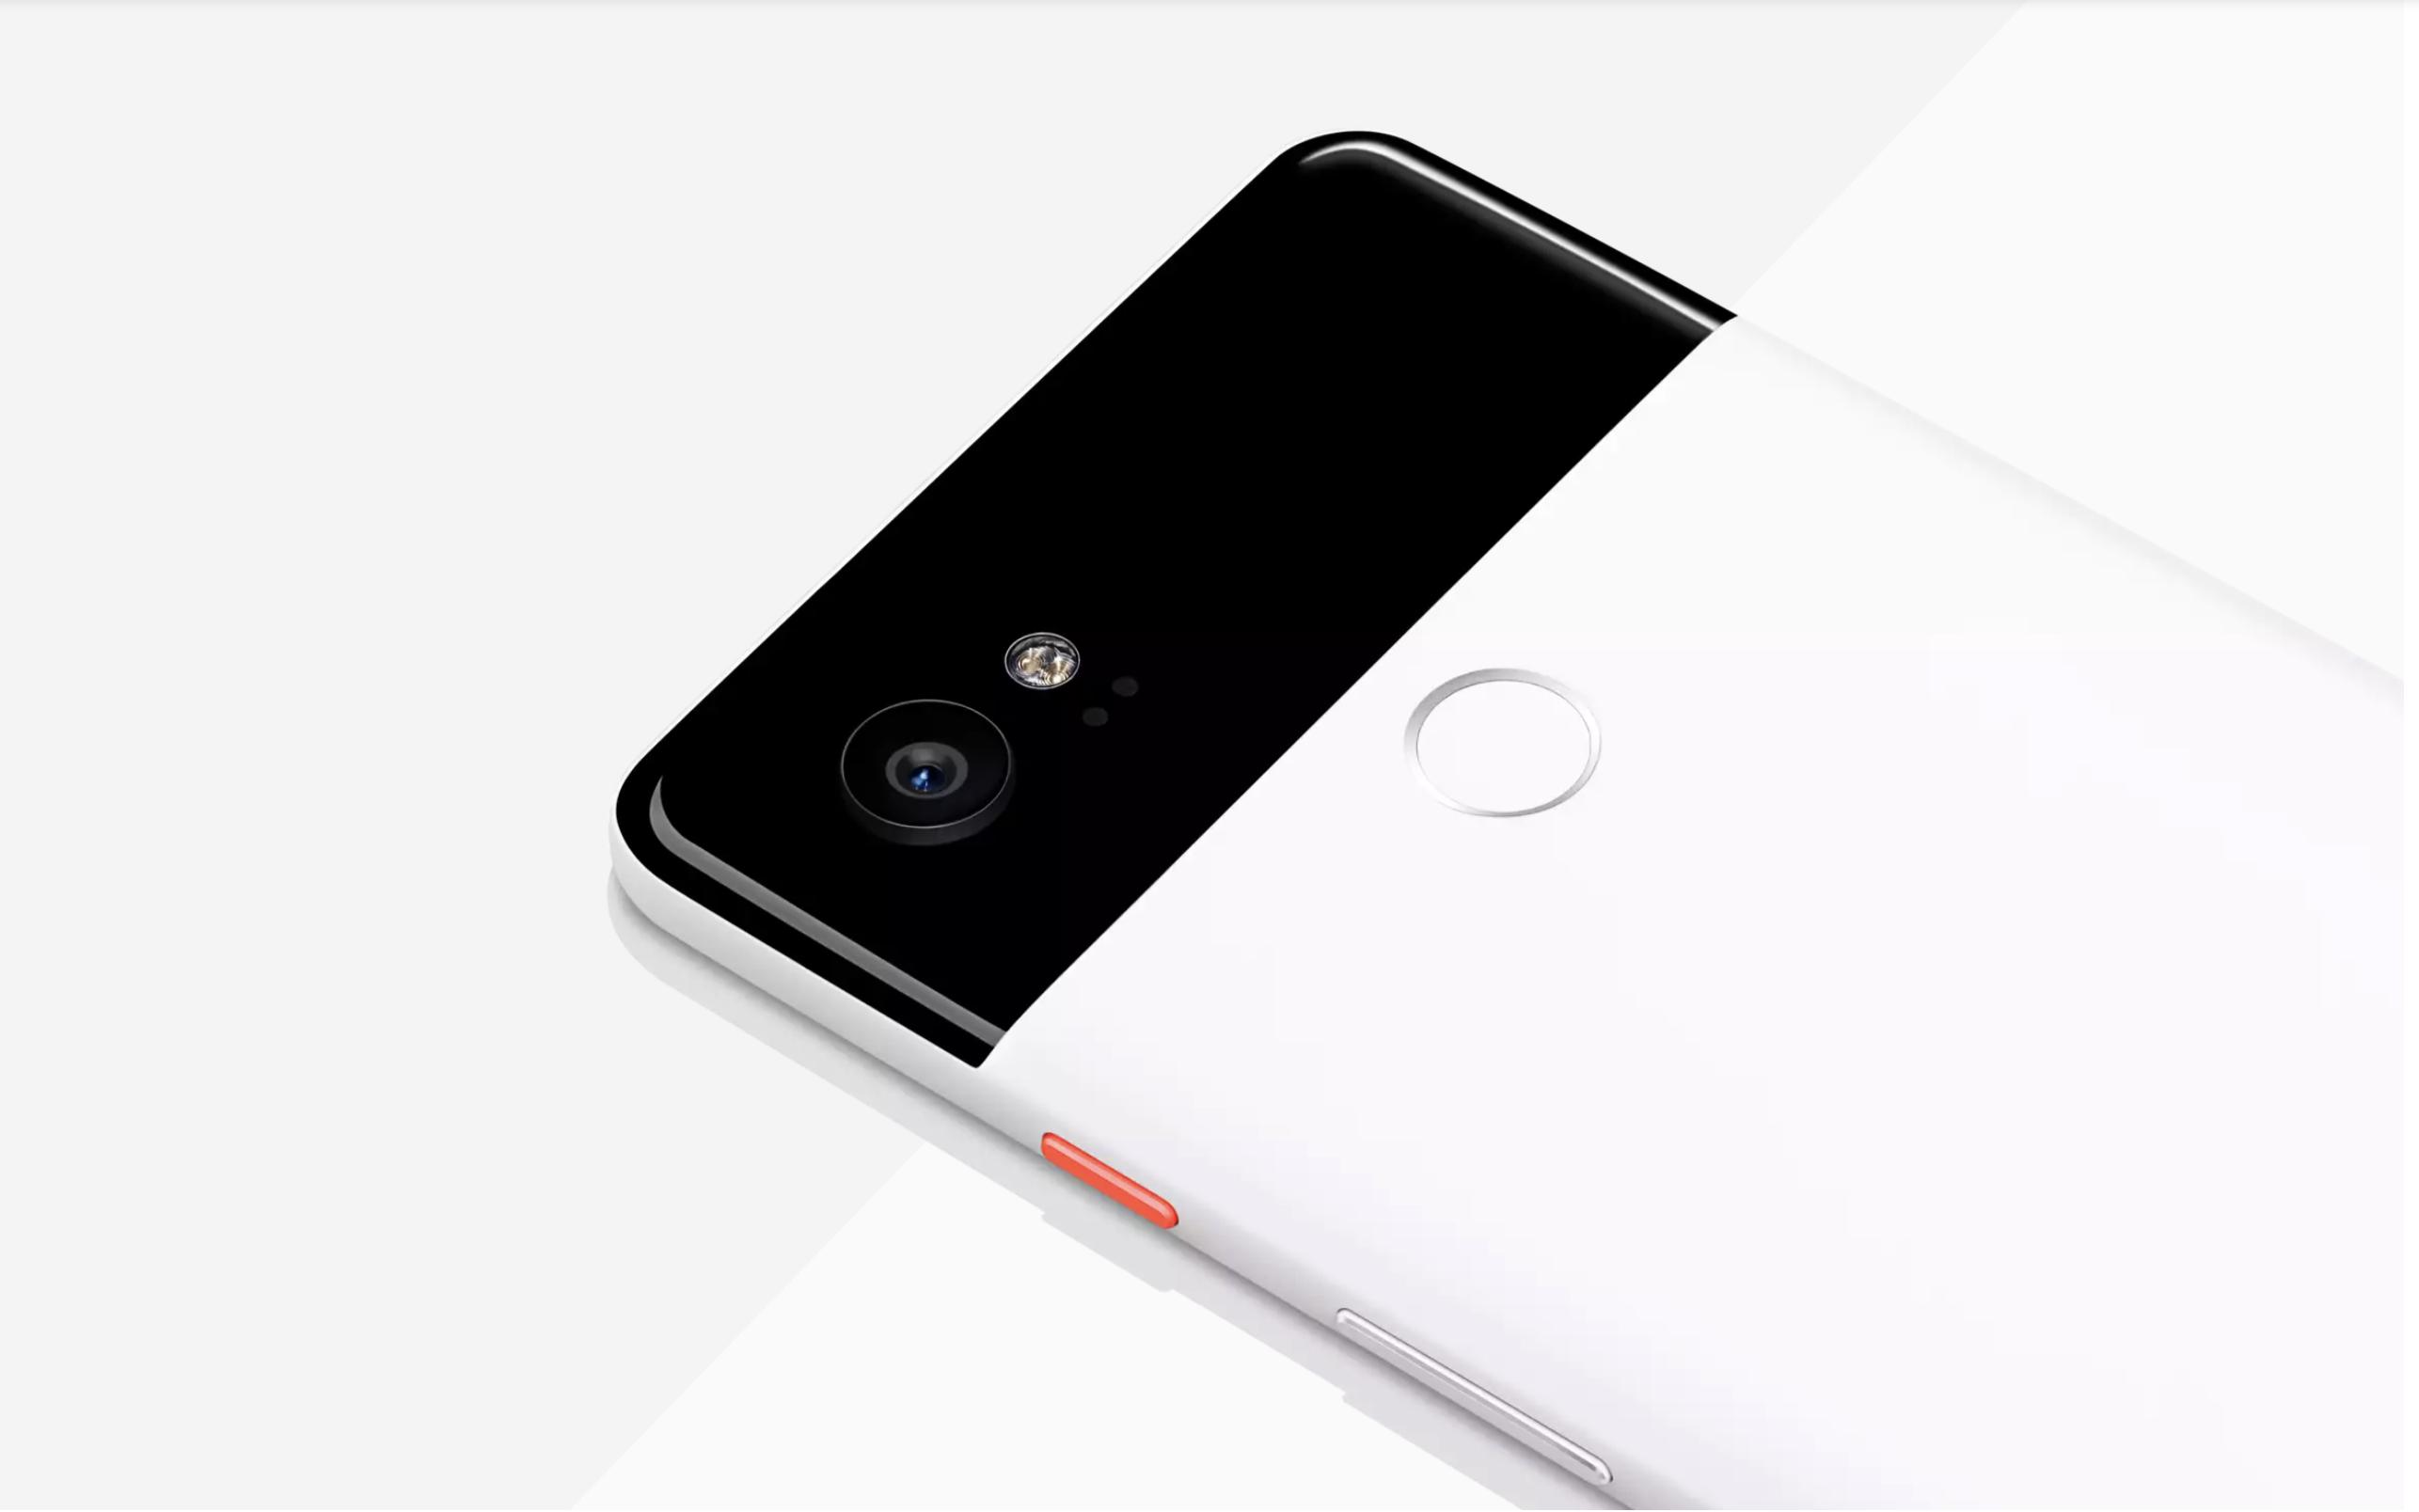 Google показали гору гаджетов и крутые Pixel 2. В этом что-то есть… но вот что именно?